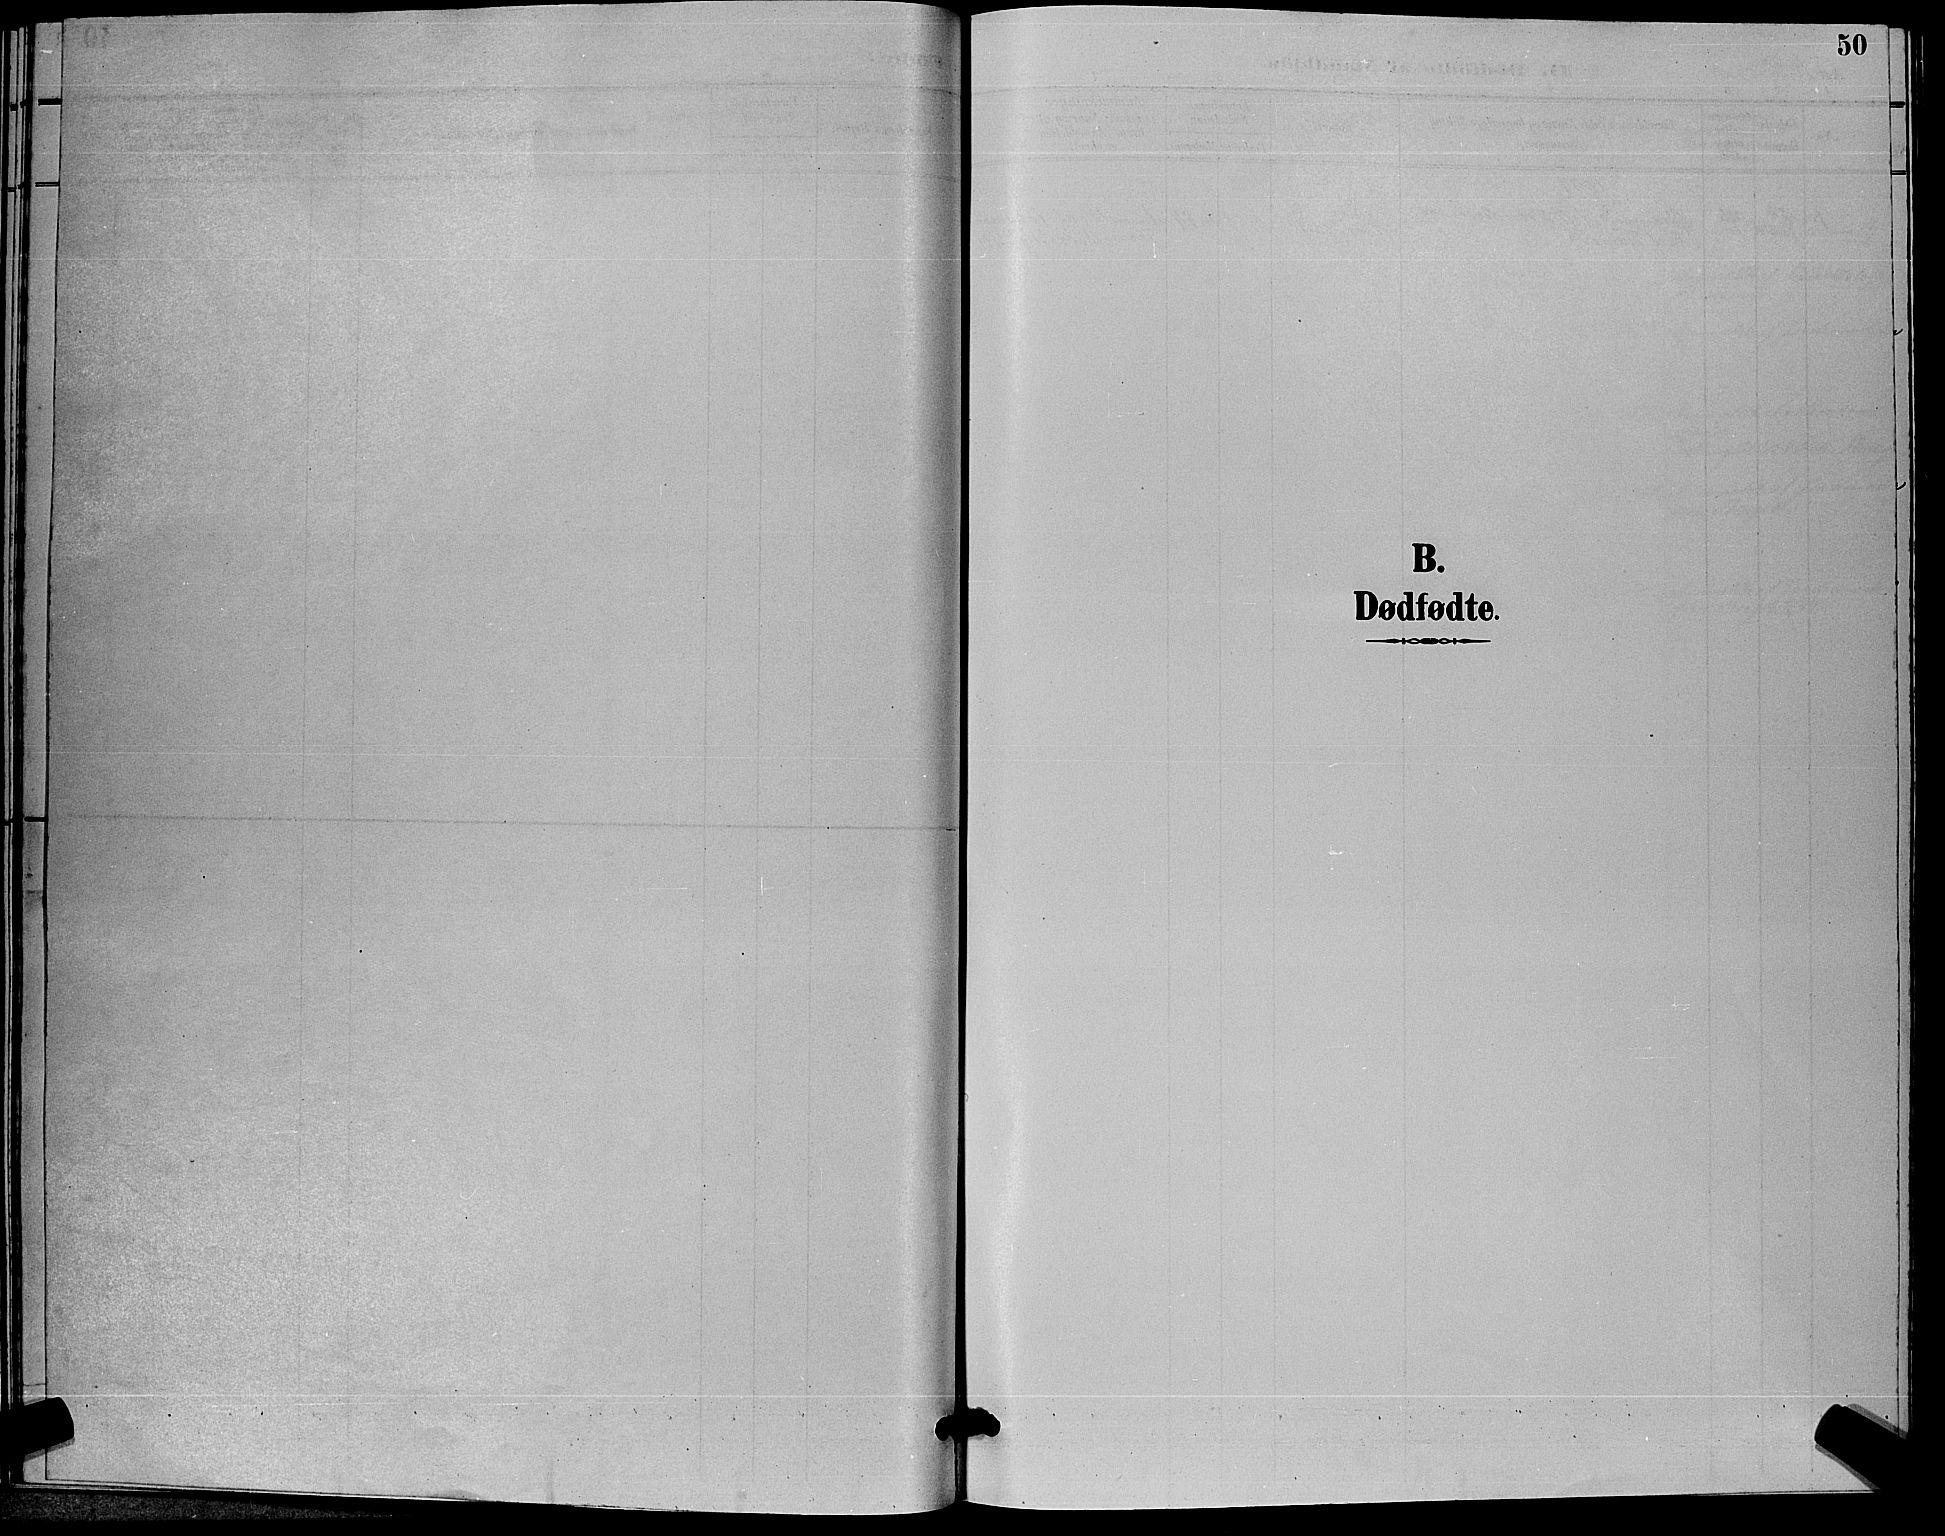 SAKO, Flesberg kirkebøker, G/Ga/L0004: Klokkerbok nr. I 4 /1, 1890-1898, s. 50